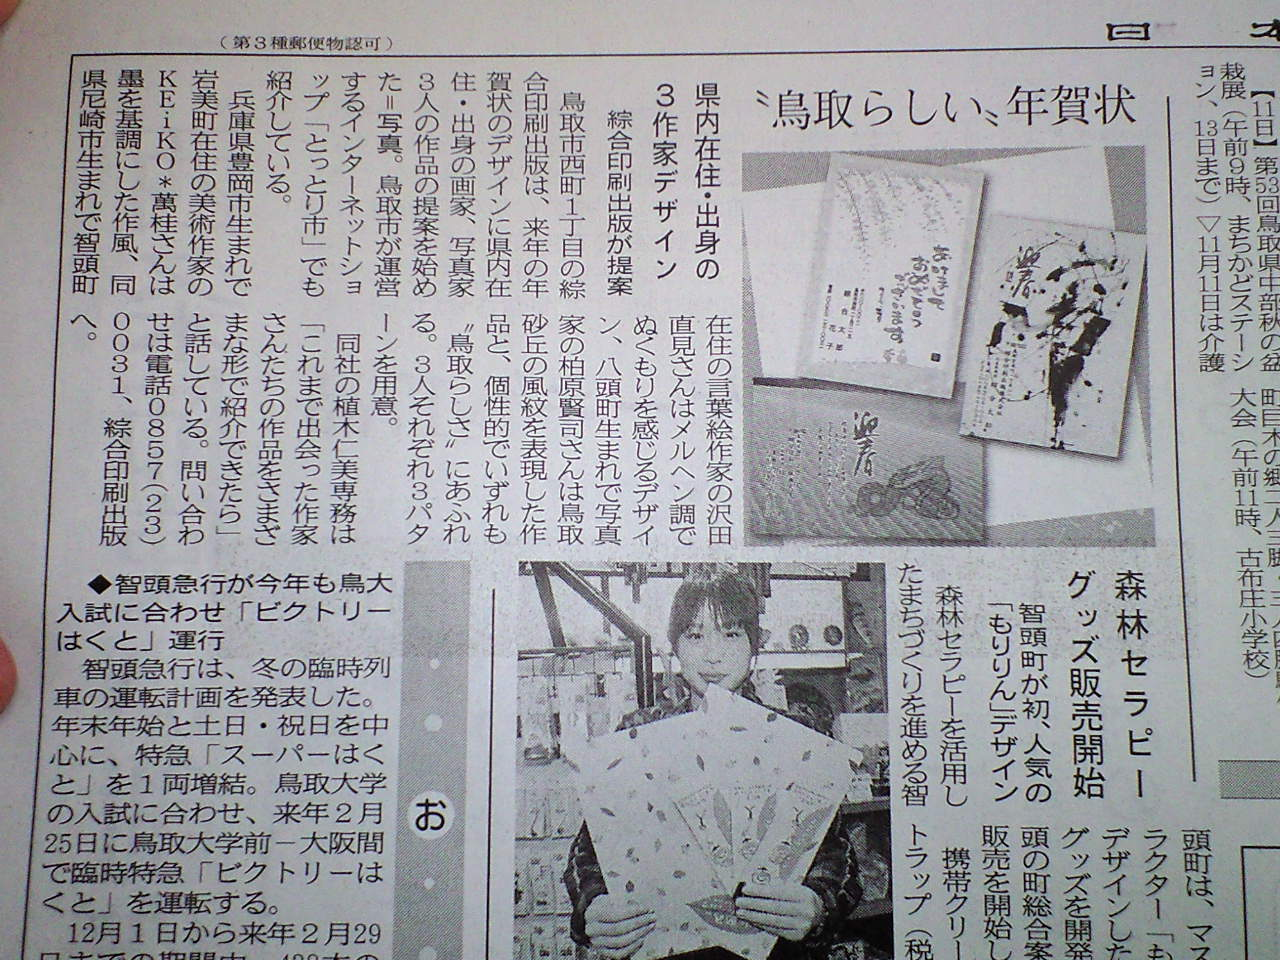 鳥取の作家シリーズ 年賀状 11月7日の日本海新聞に取り上げてもらいました(^-^)/